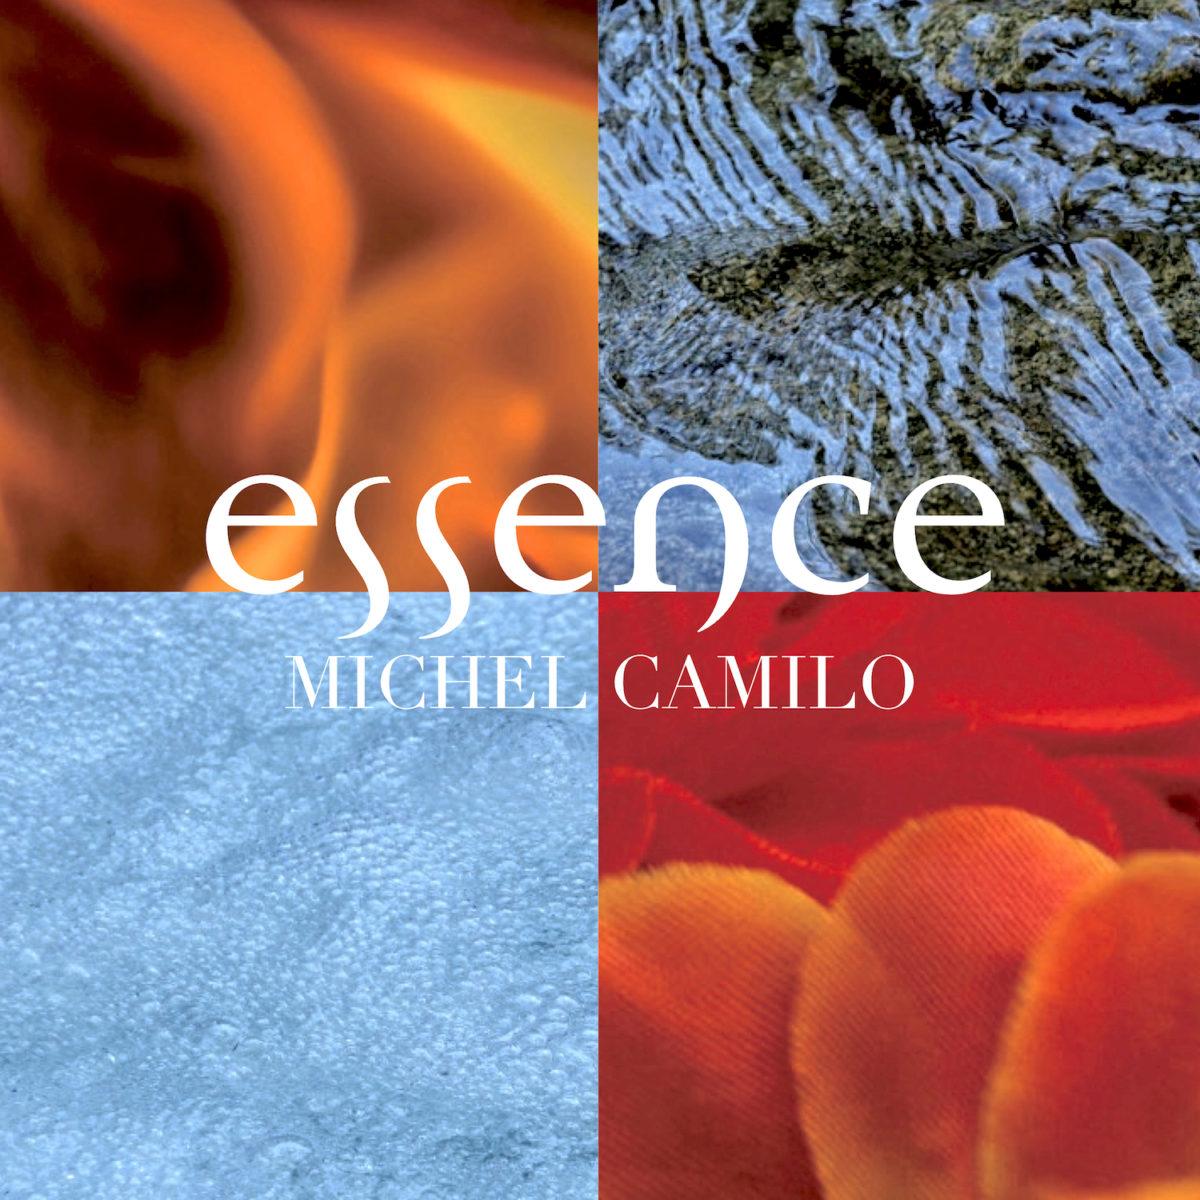 Michel Camilo - Essence_cover copy